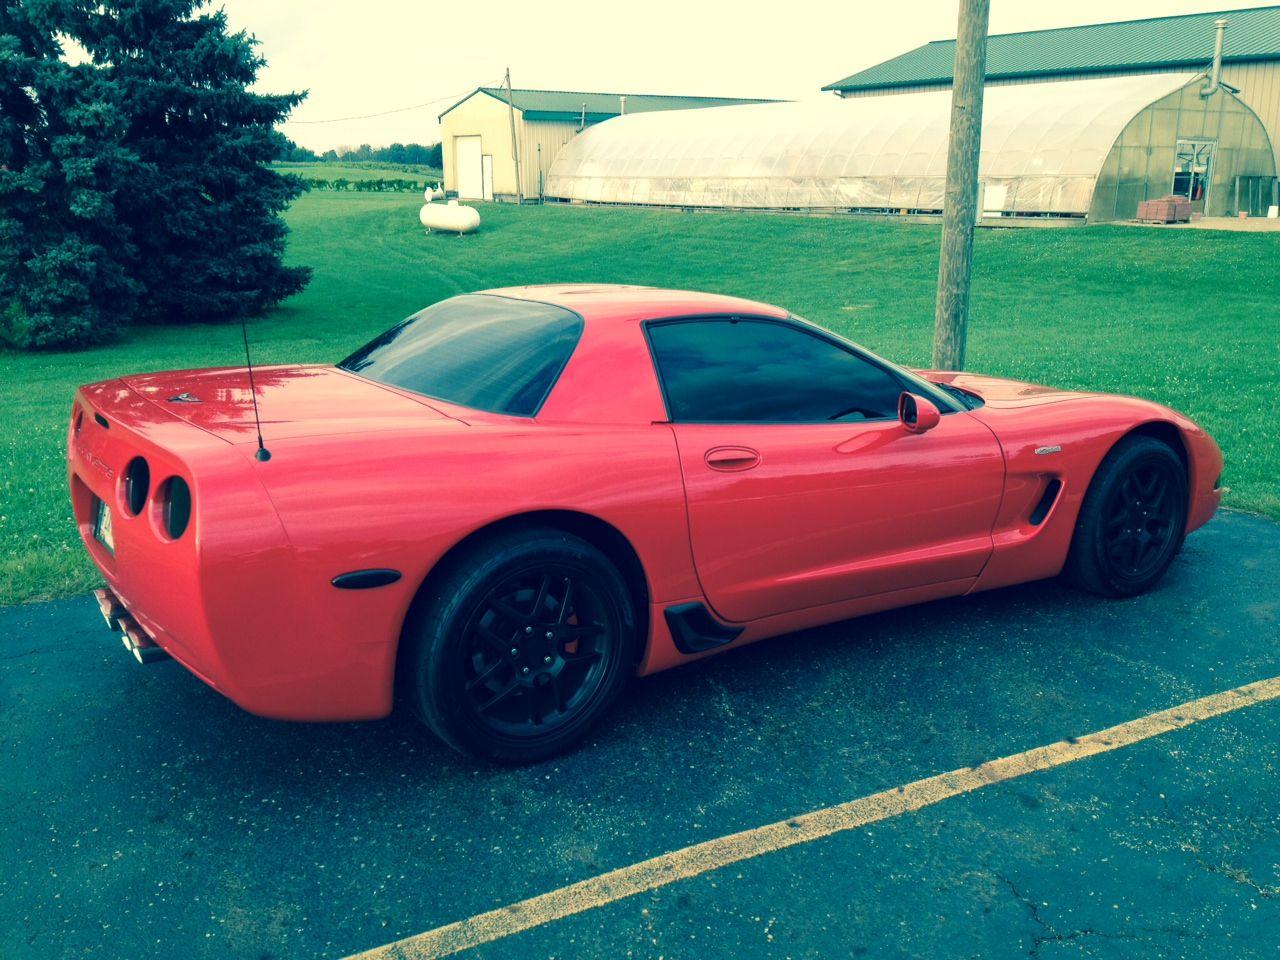 2004 Torch Red Z06 Corvette Corvette Little Red Corvette